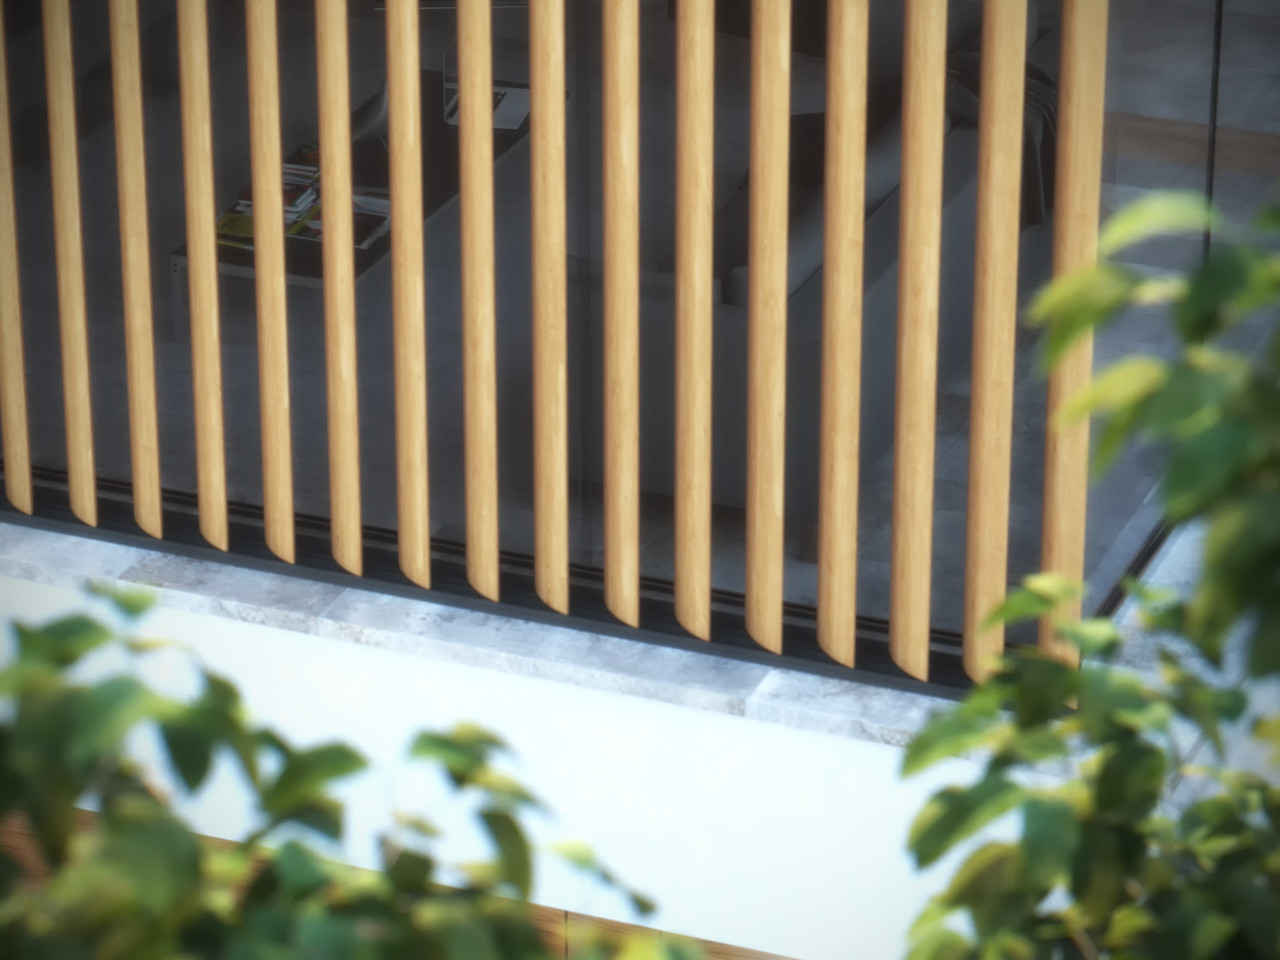 Ricardo eloy camera detalhe 01